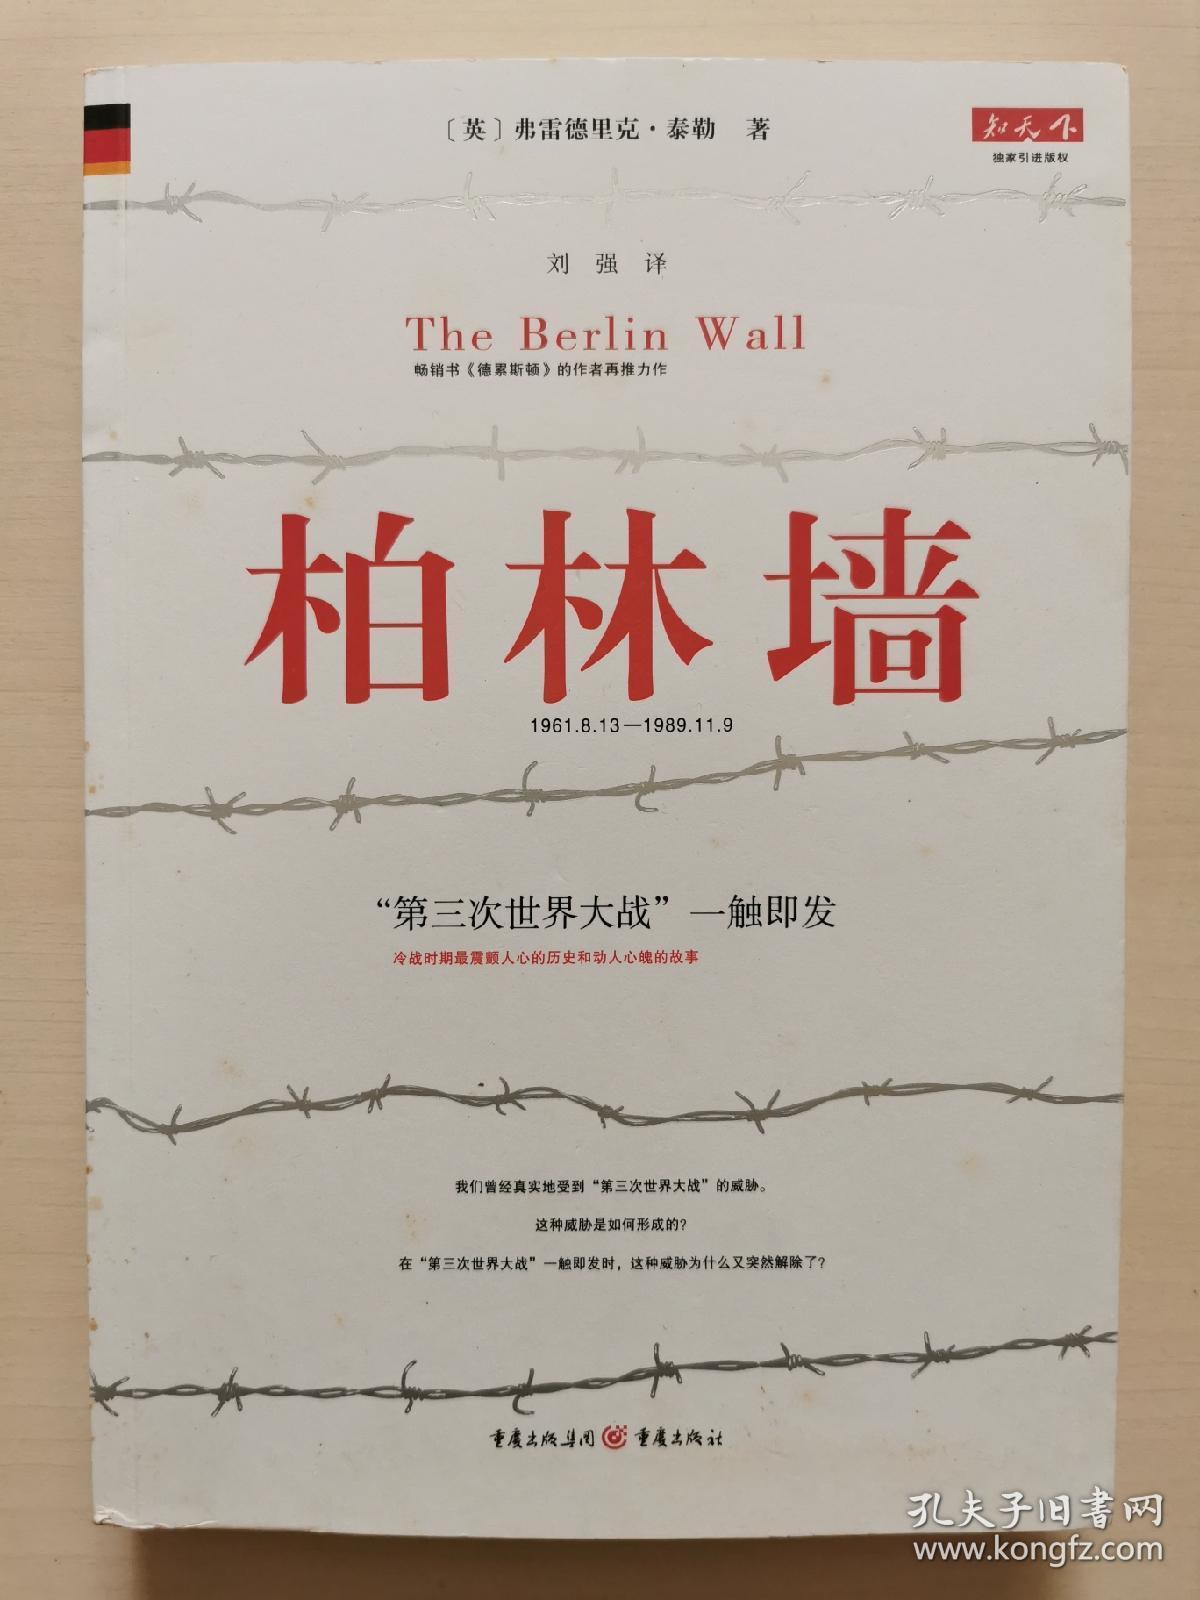 柏林墙:分裂的世界(1961-1989)